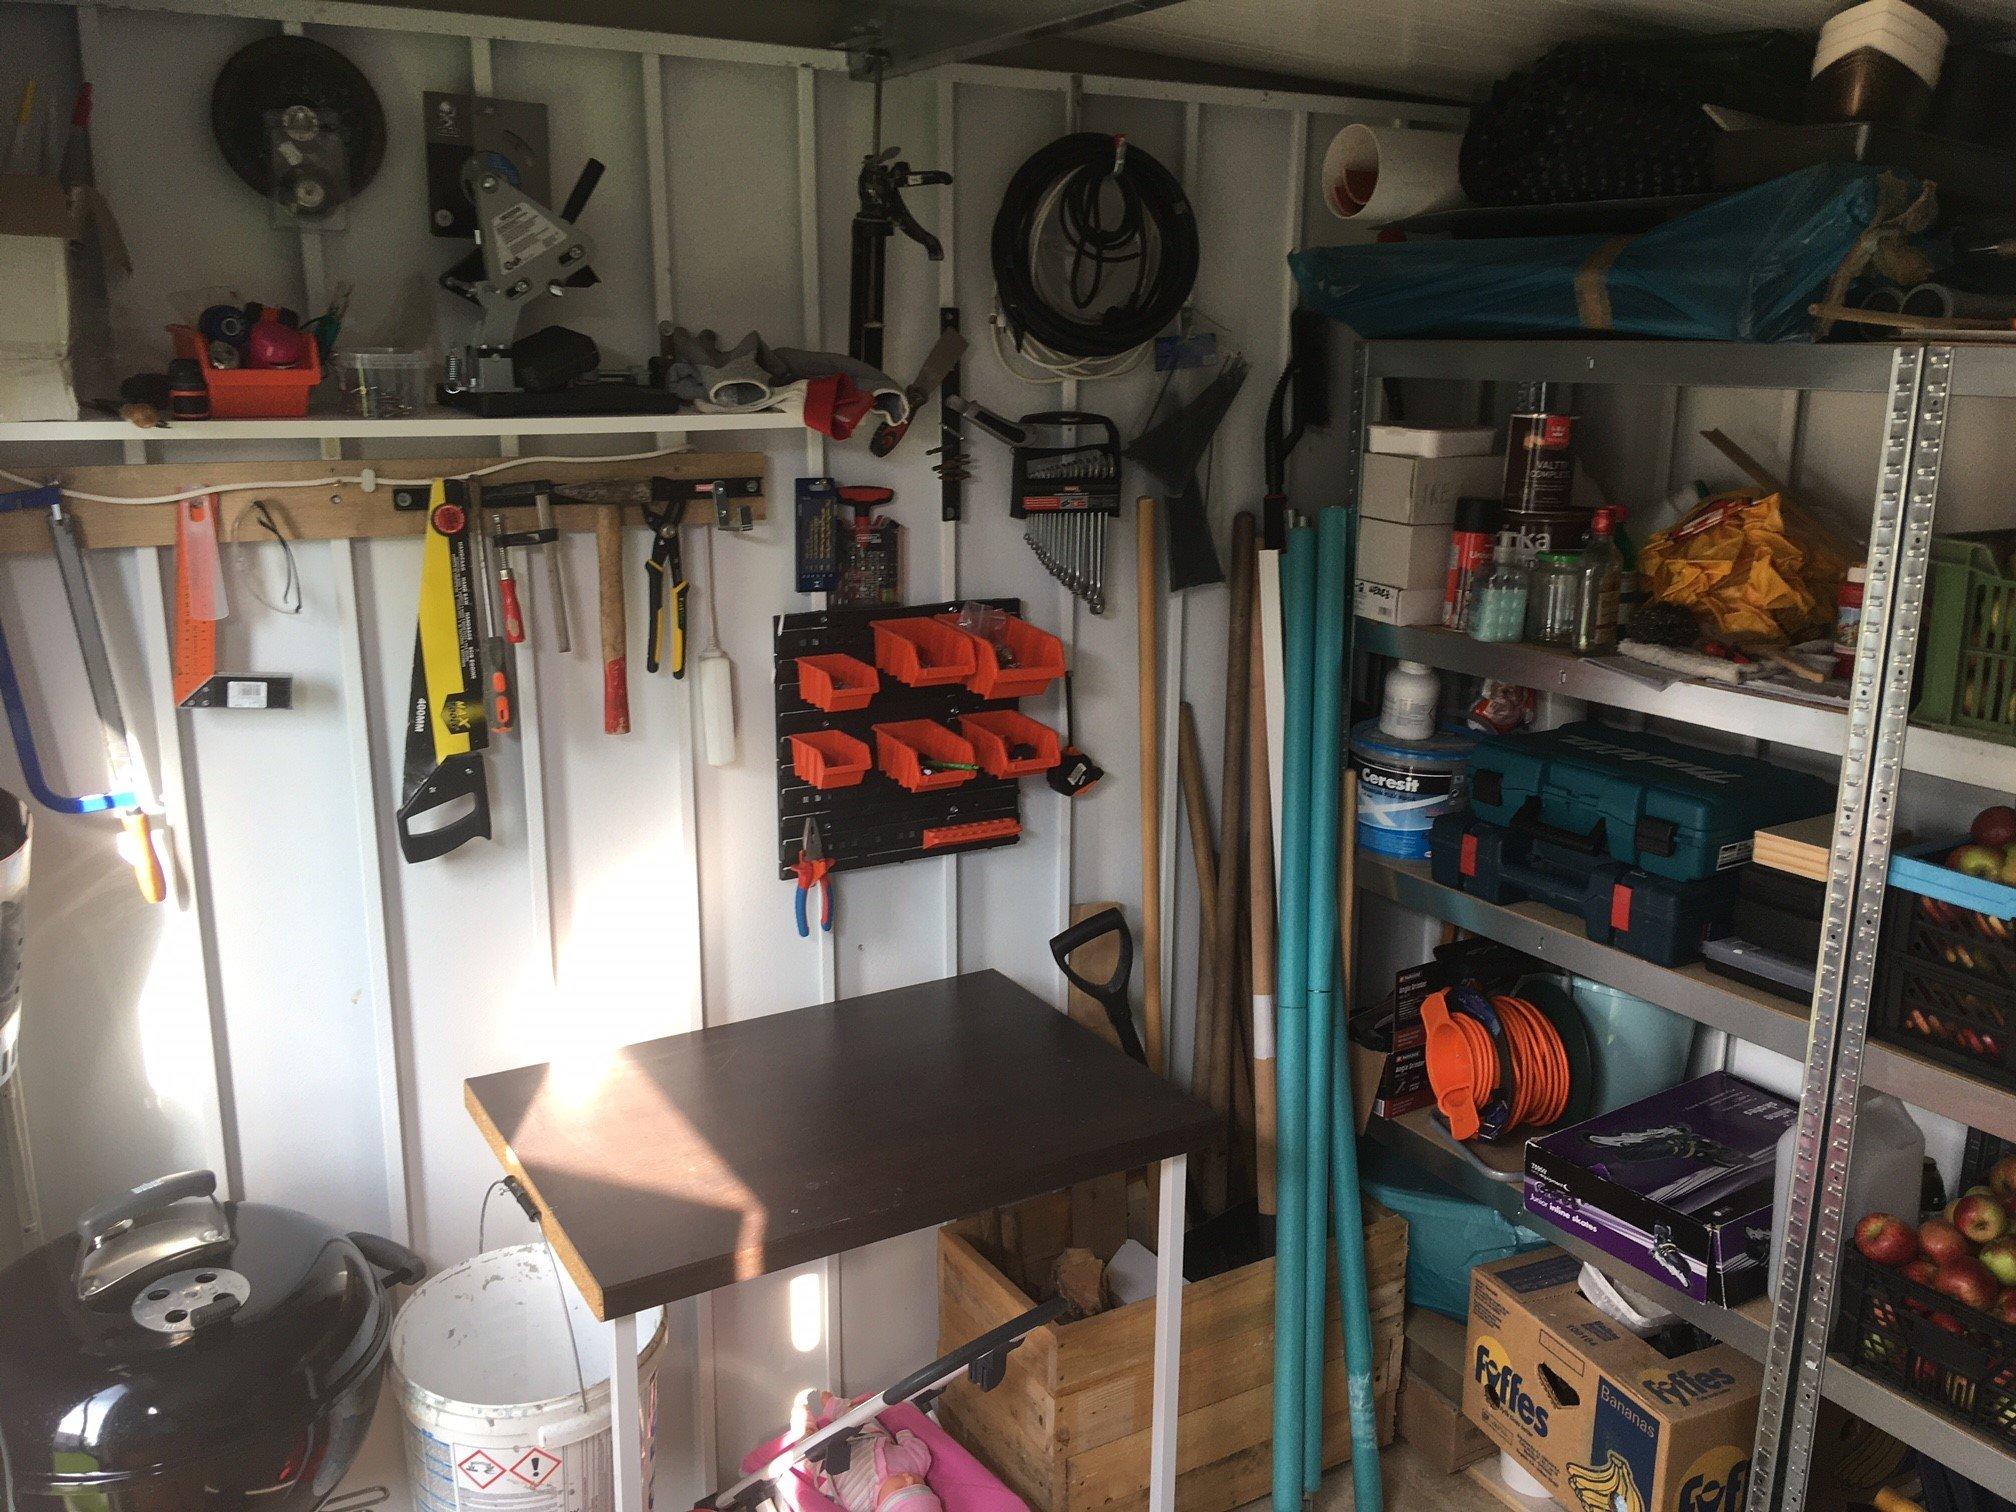 GARDEON - Foto des jetzigen Zustands der Garage